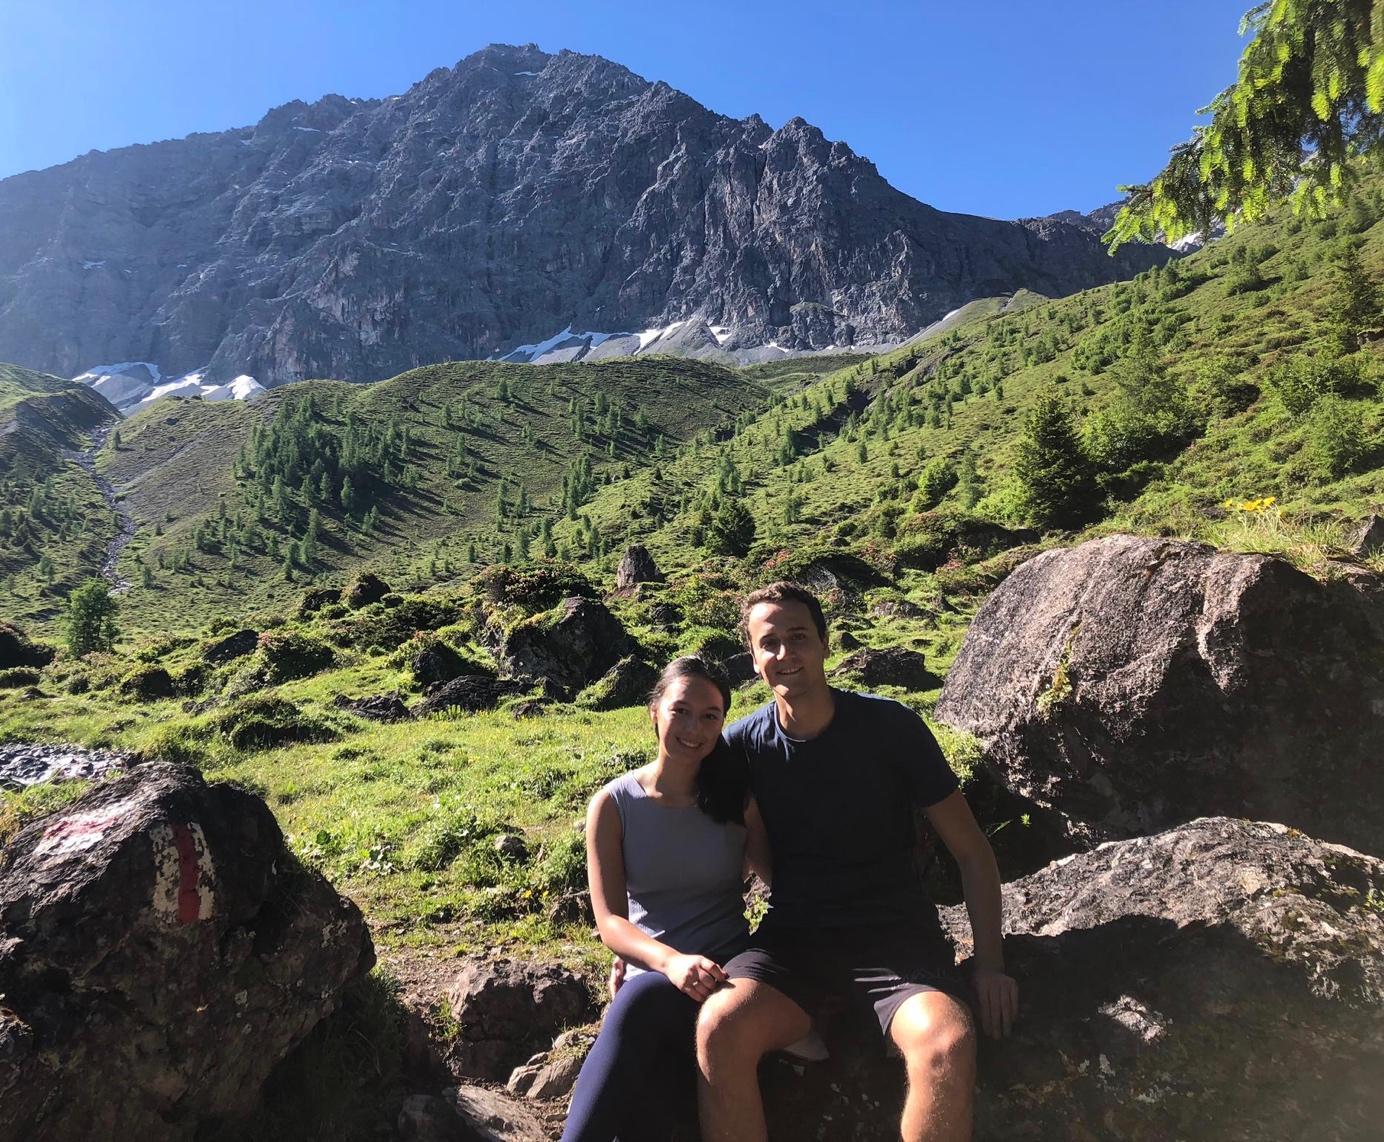 Afbeelding met berg, buiten, lucht, rots  Automatisch gegenereerde beschrijving